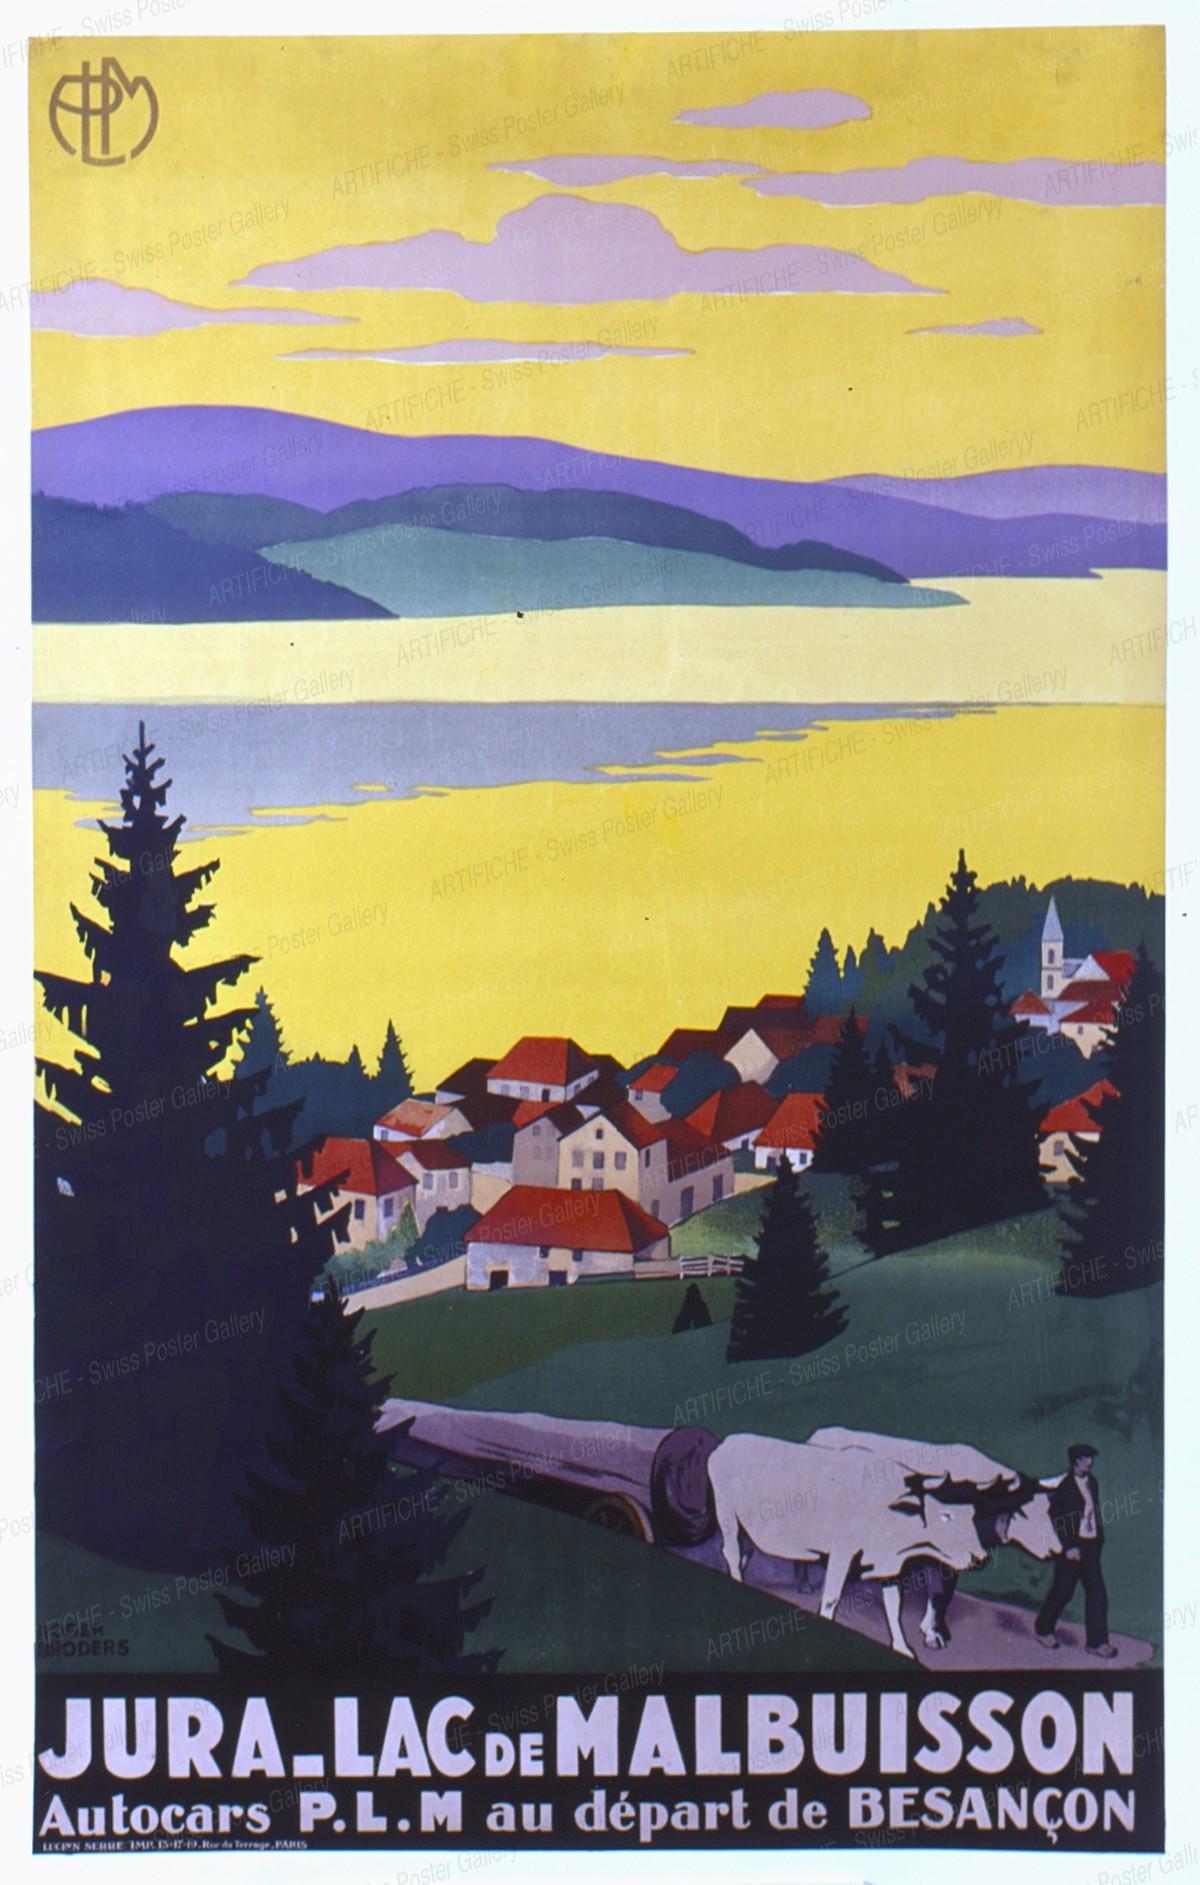 PLM Autocars – Jura – Lac de Malbuisson, Roger Broders